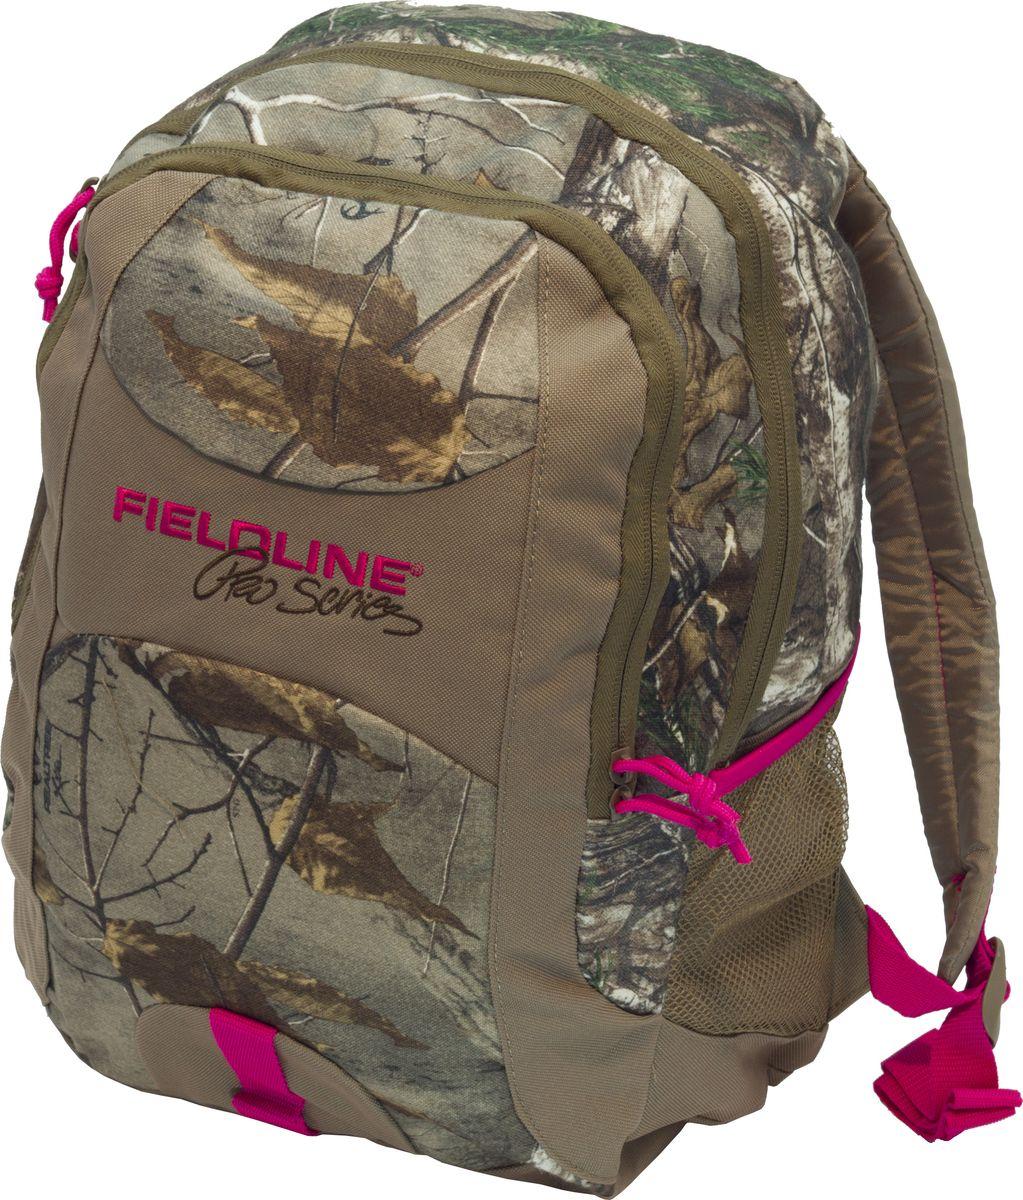 Рюкзак для охоты Fieldline Womens Matador Back Pack, цвет: камуфляж, светло-коричневый